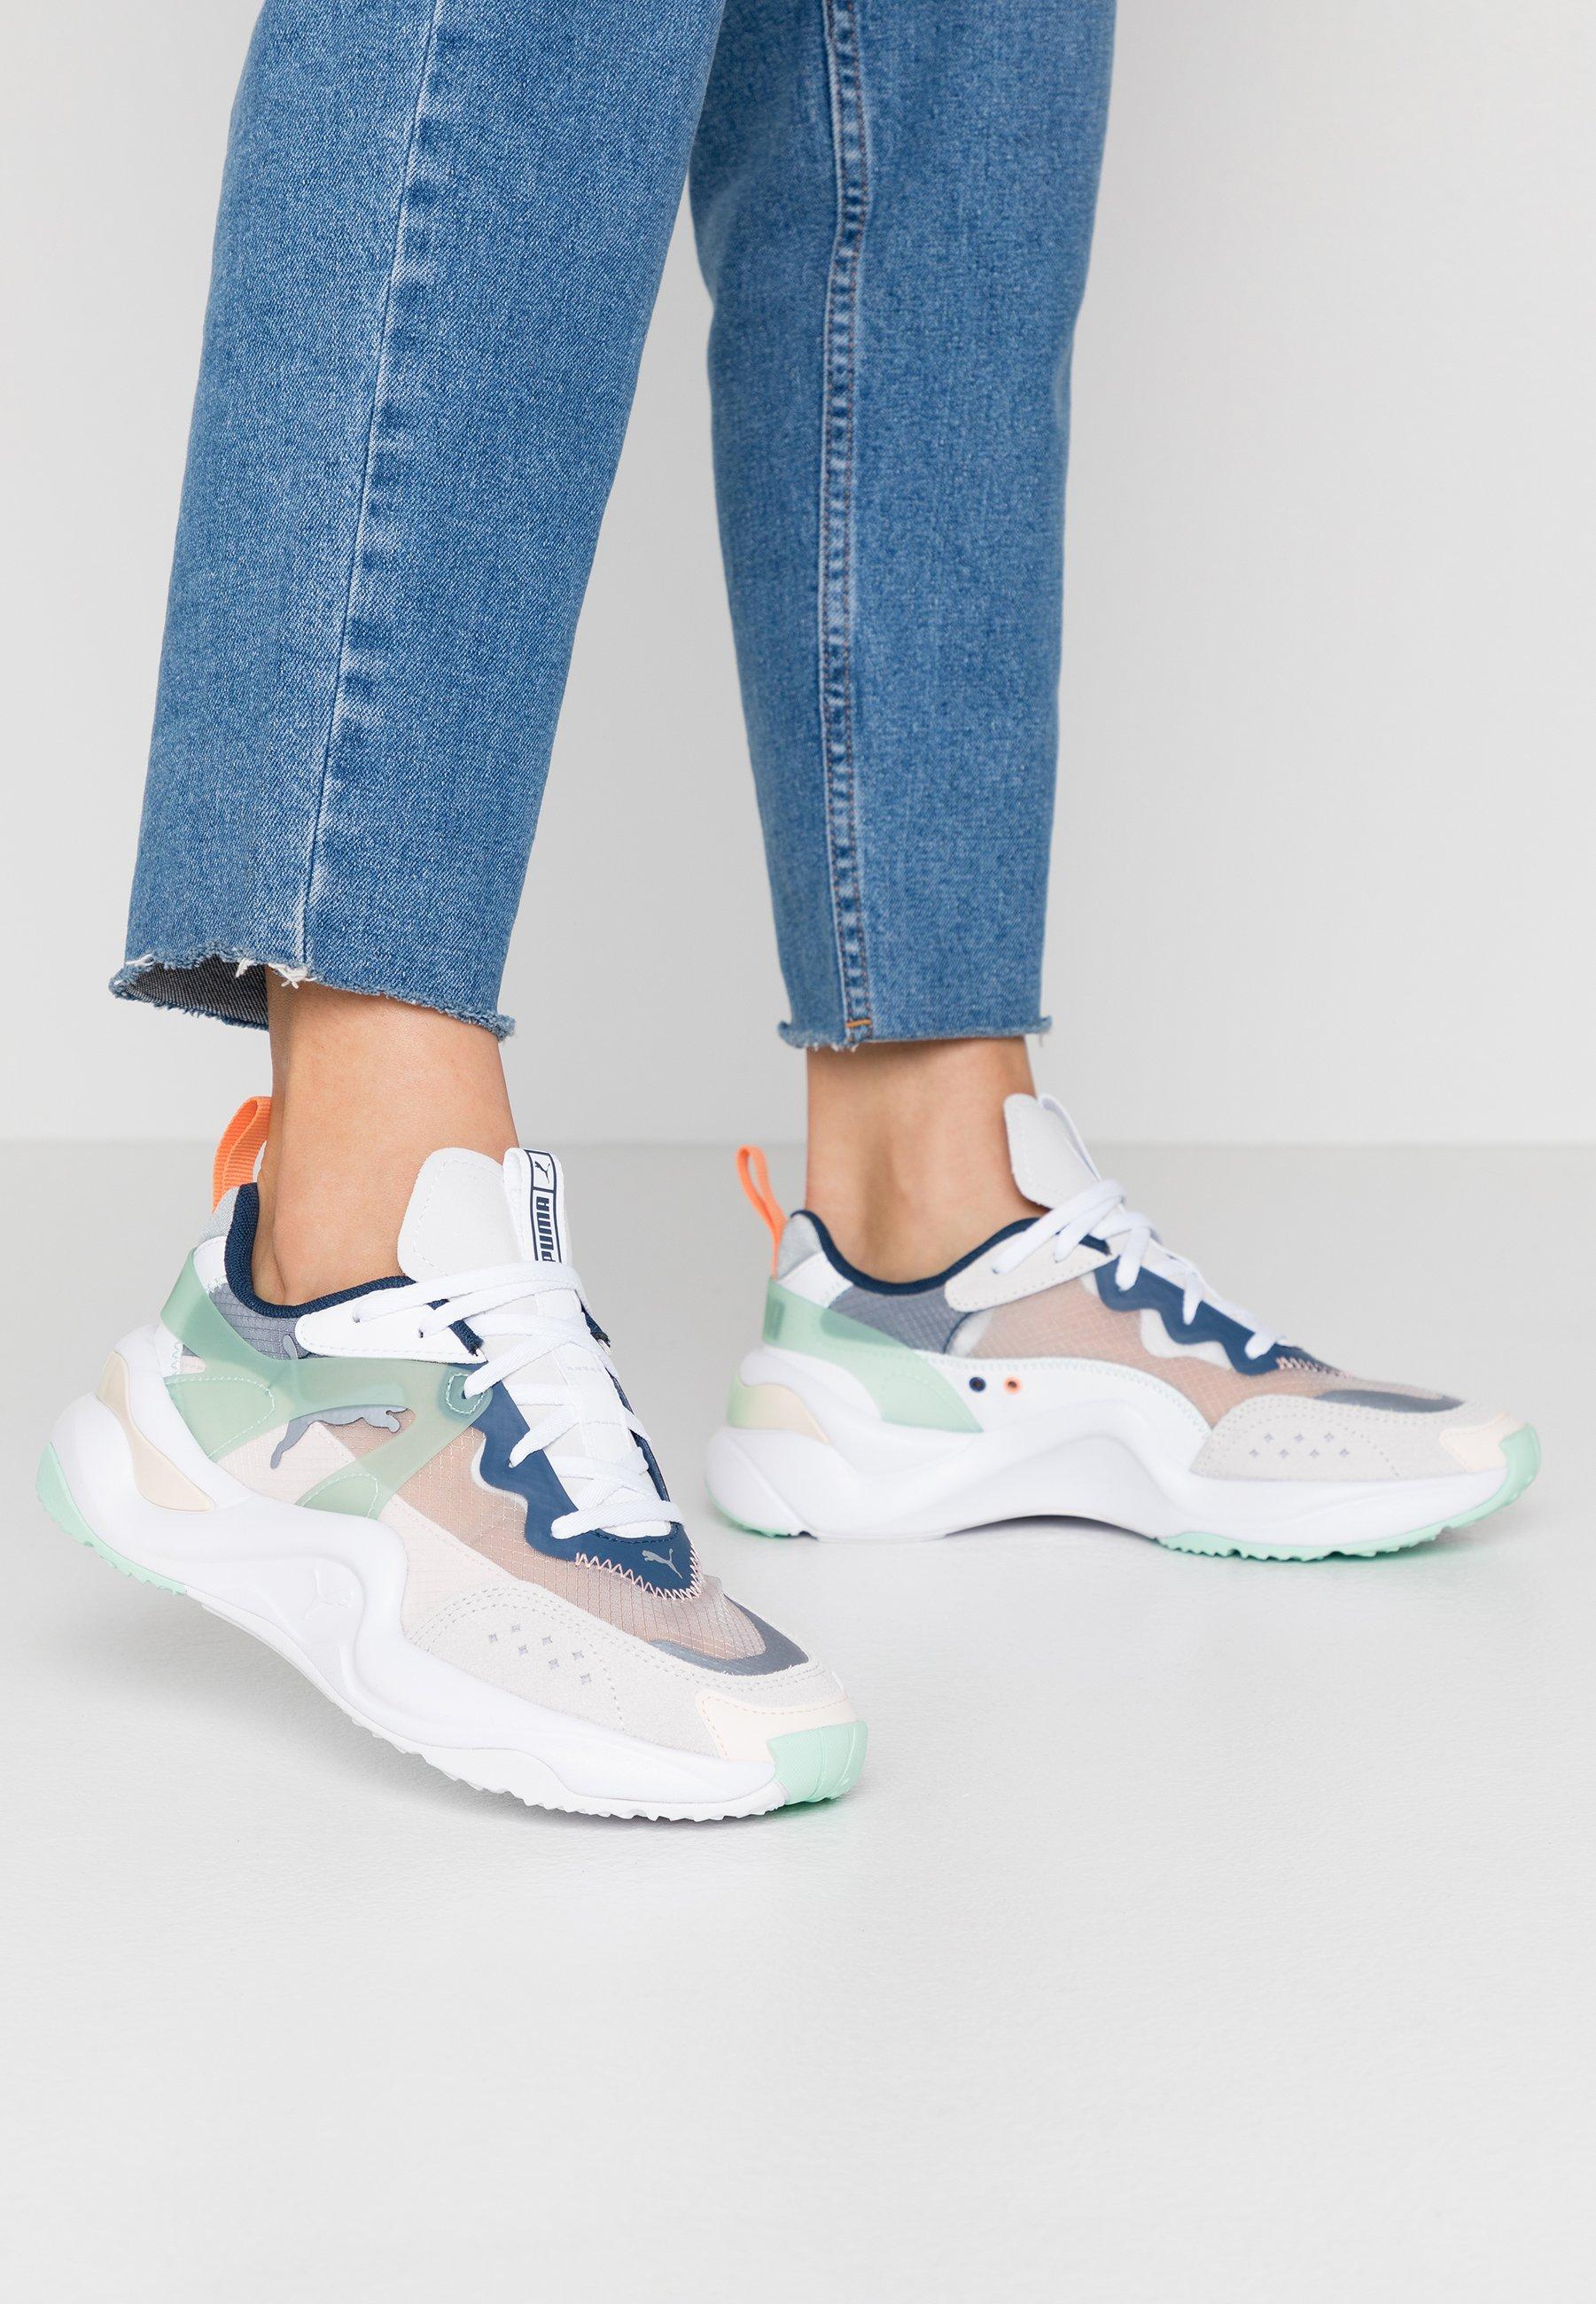 Puma Sneakers Günstig Online Kaufen | Puma Emergence